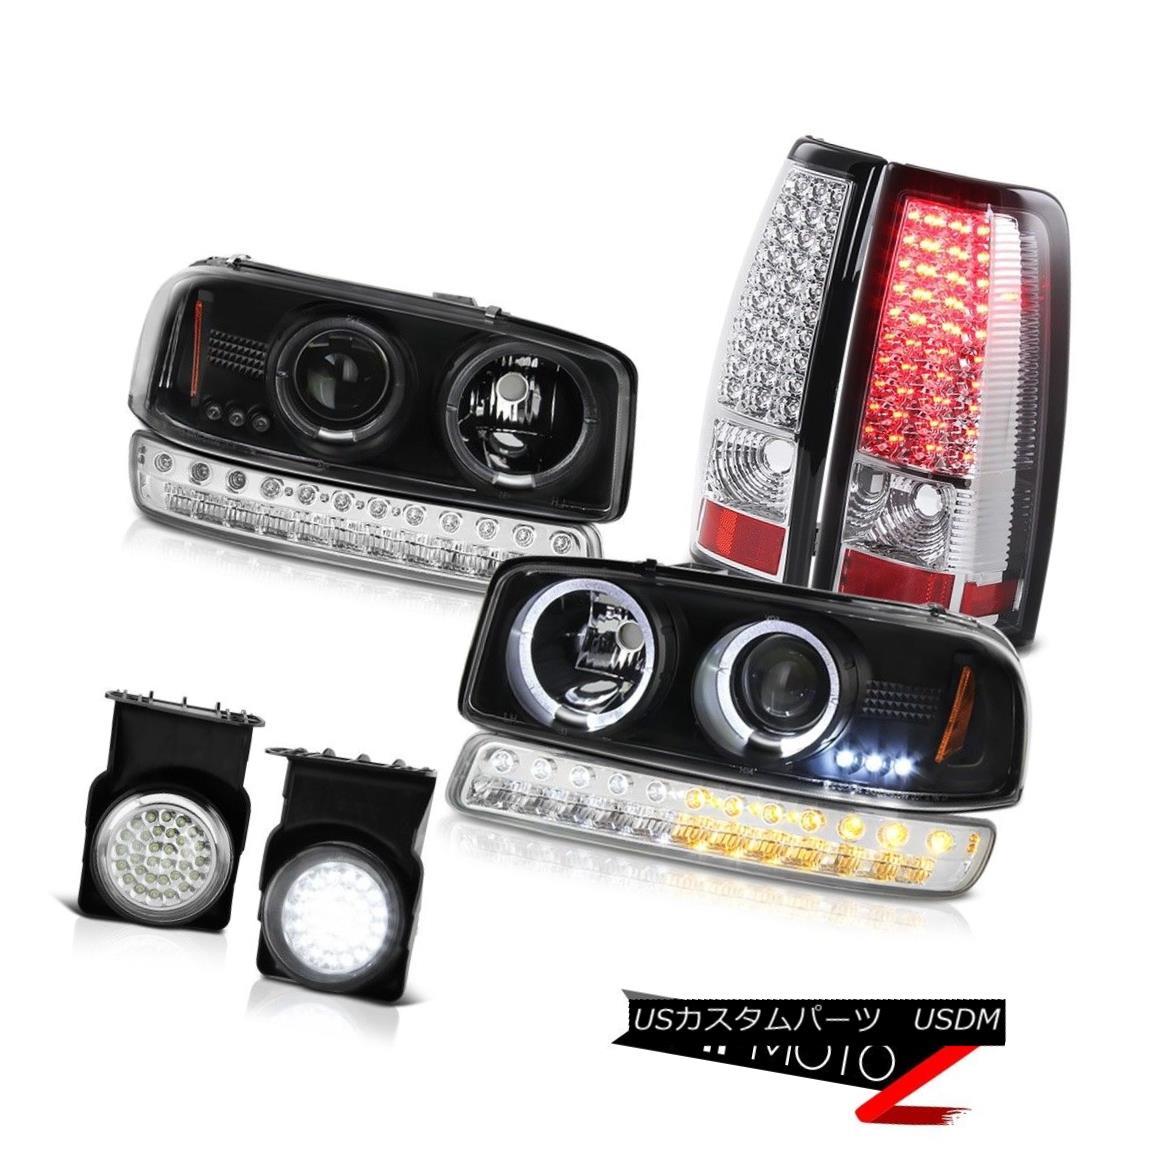 テールライト 03-06 Sierra 2500 Fog Lights Rear Brake Lamps Turn Signal Matte Black Headlights 03-06 Sierra 2500フォグライトリアブレーキランプターンシグナルマットブラックヘッドライト